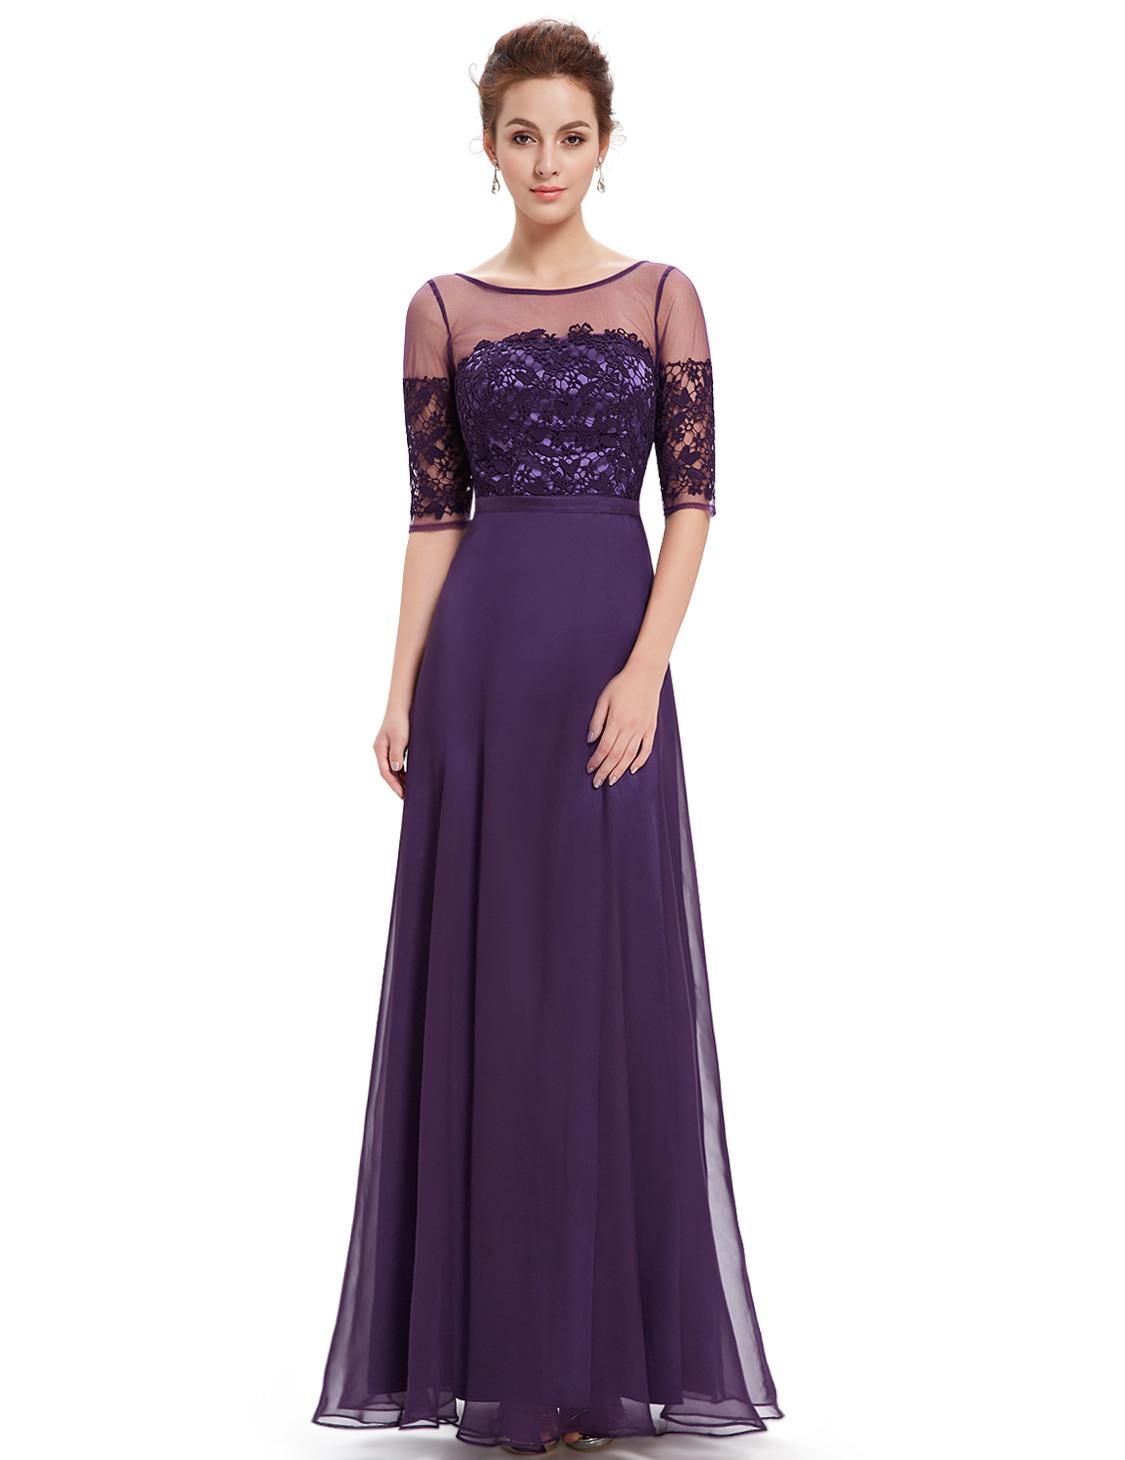 13 Schön Lila Abend Kleider Spezialgebiet13 Luxus Lila Abend Kleider Galerie